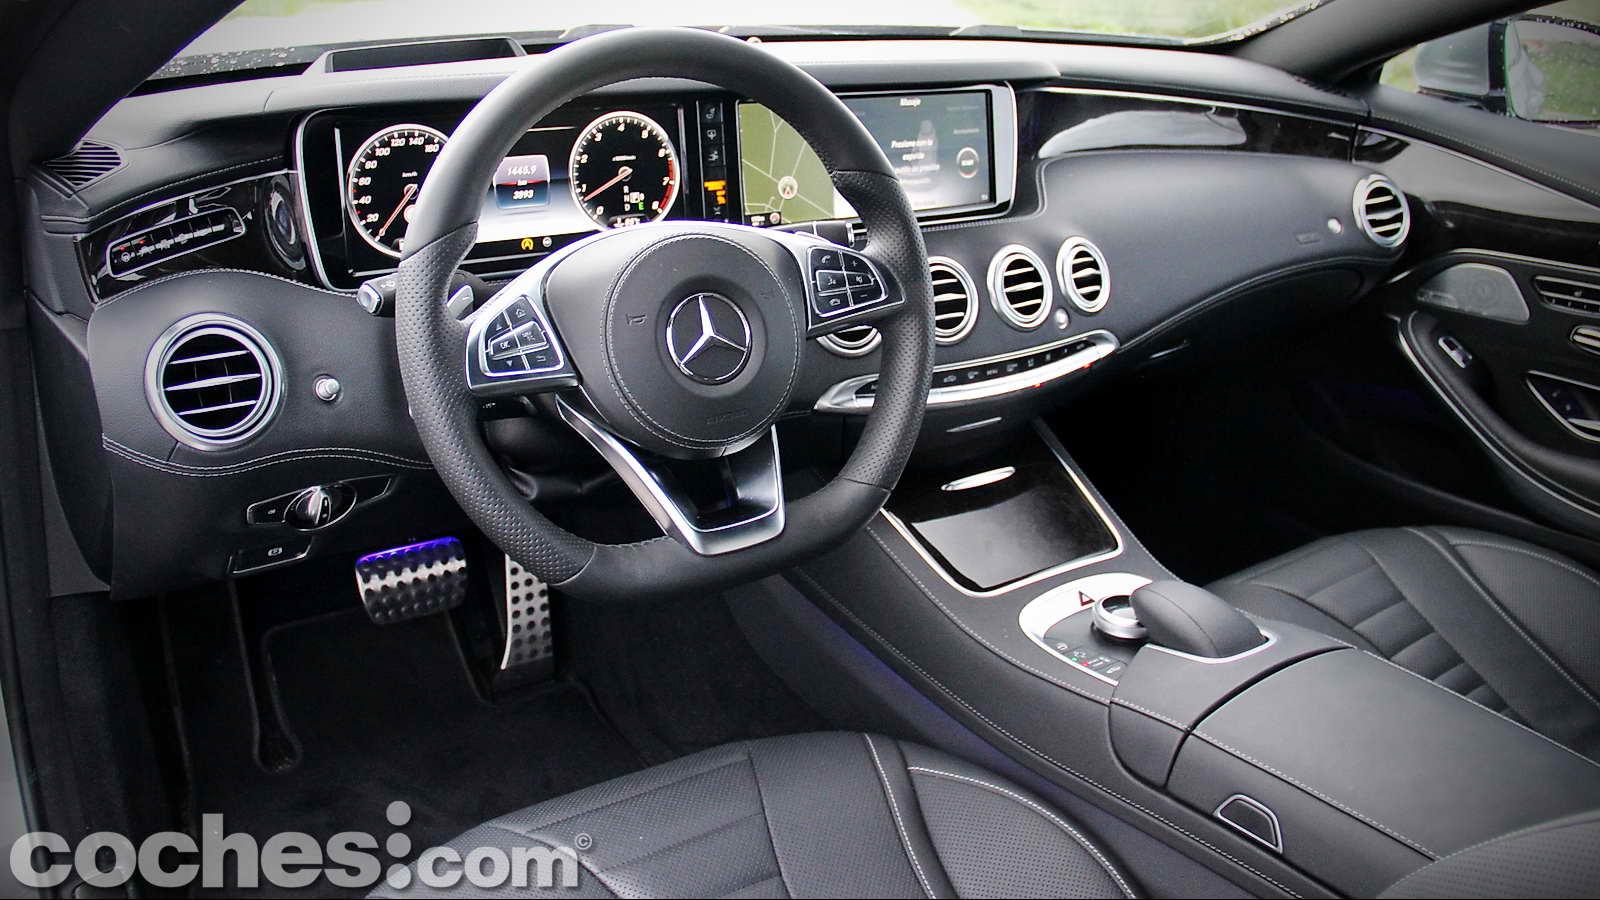 Mercedes benz s 500 4matic coup prueba contacto for Mercedes benz complaint department